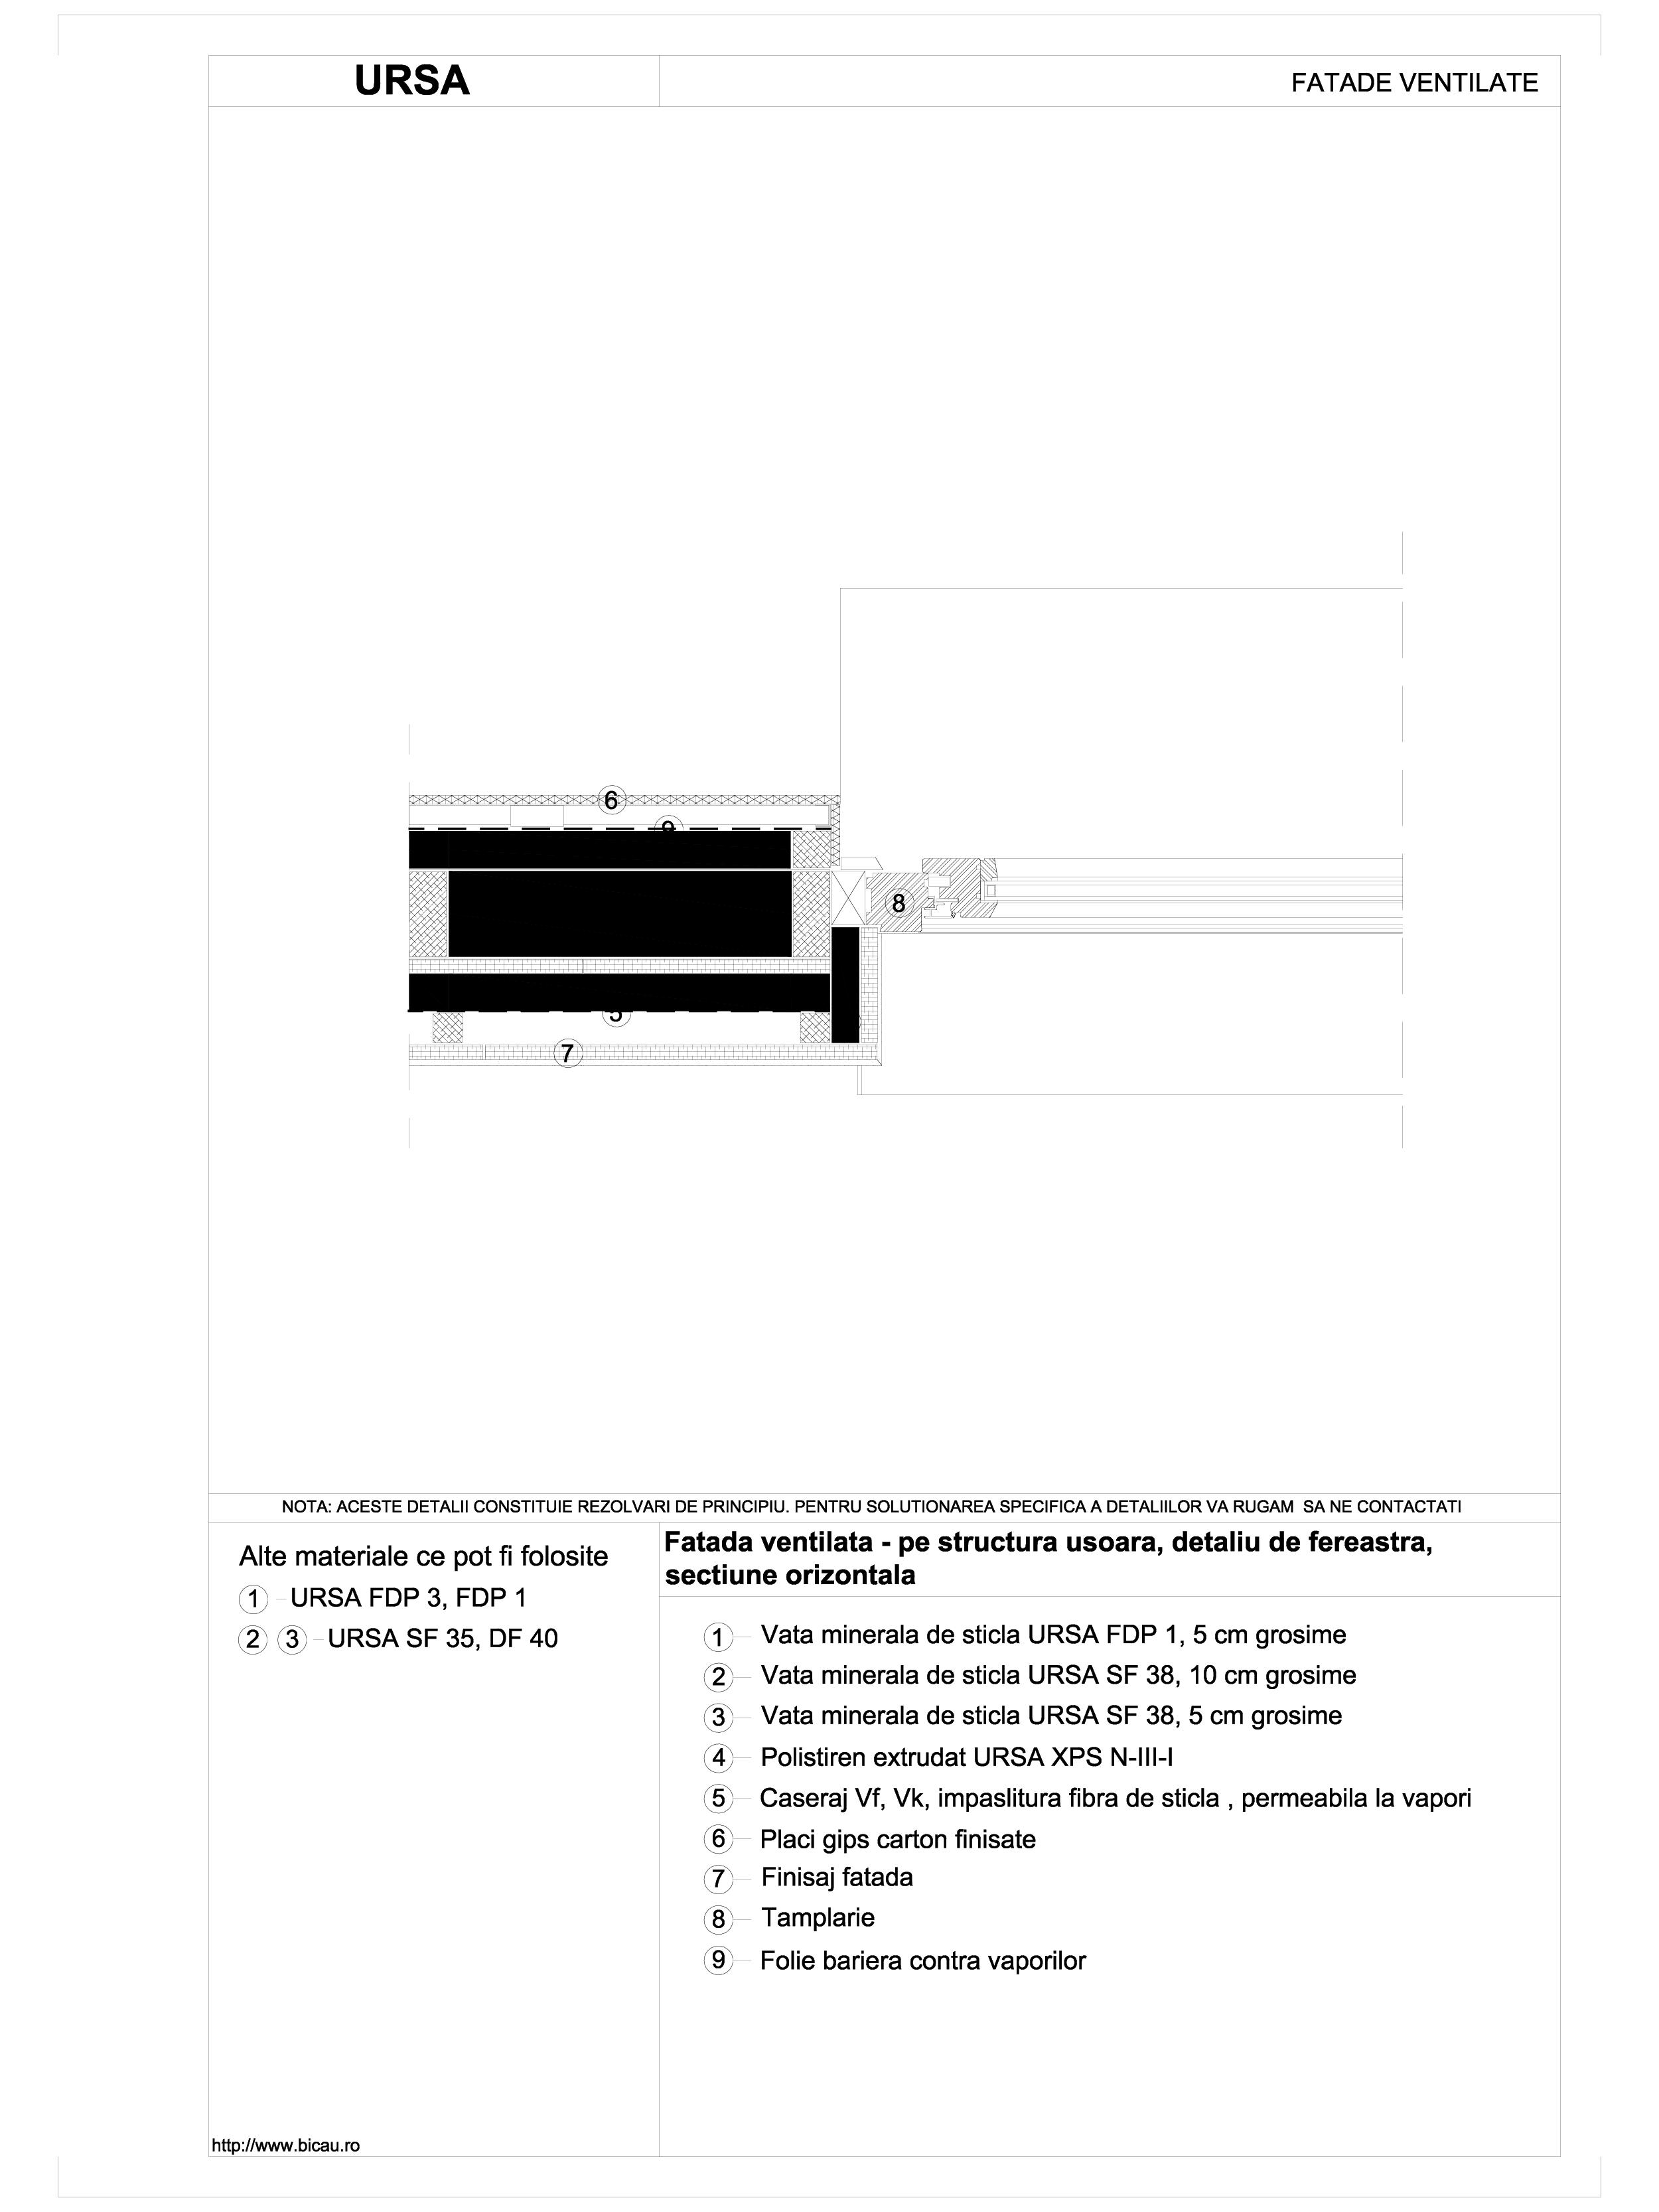 Fatada ventilata - pe structura usoara, detaliu de fereastra, sectiune orizontala URSA Vata minerala de sticla pentru fatade ventilate URSA ROMANIA   - Pagina 1